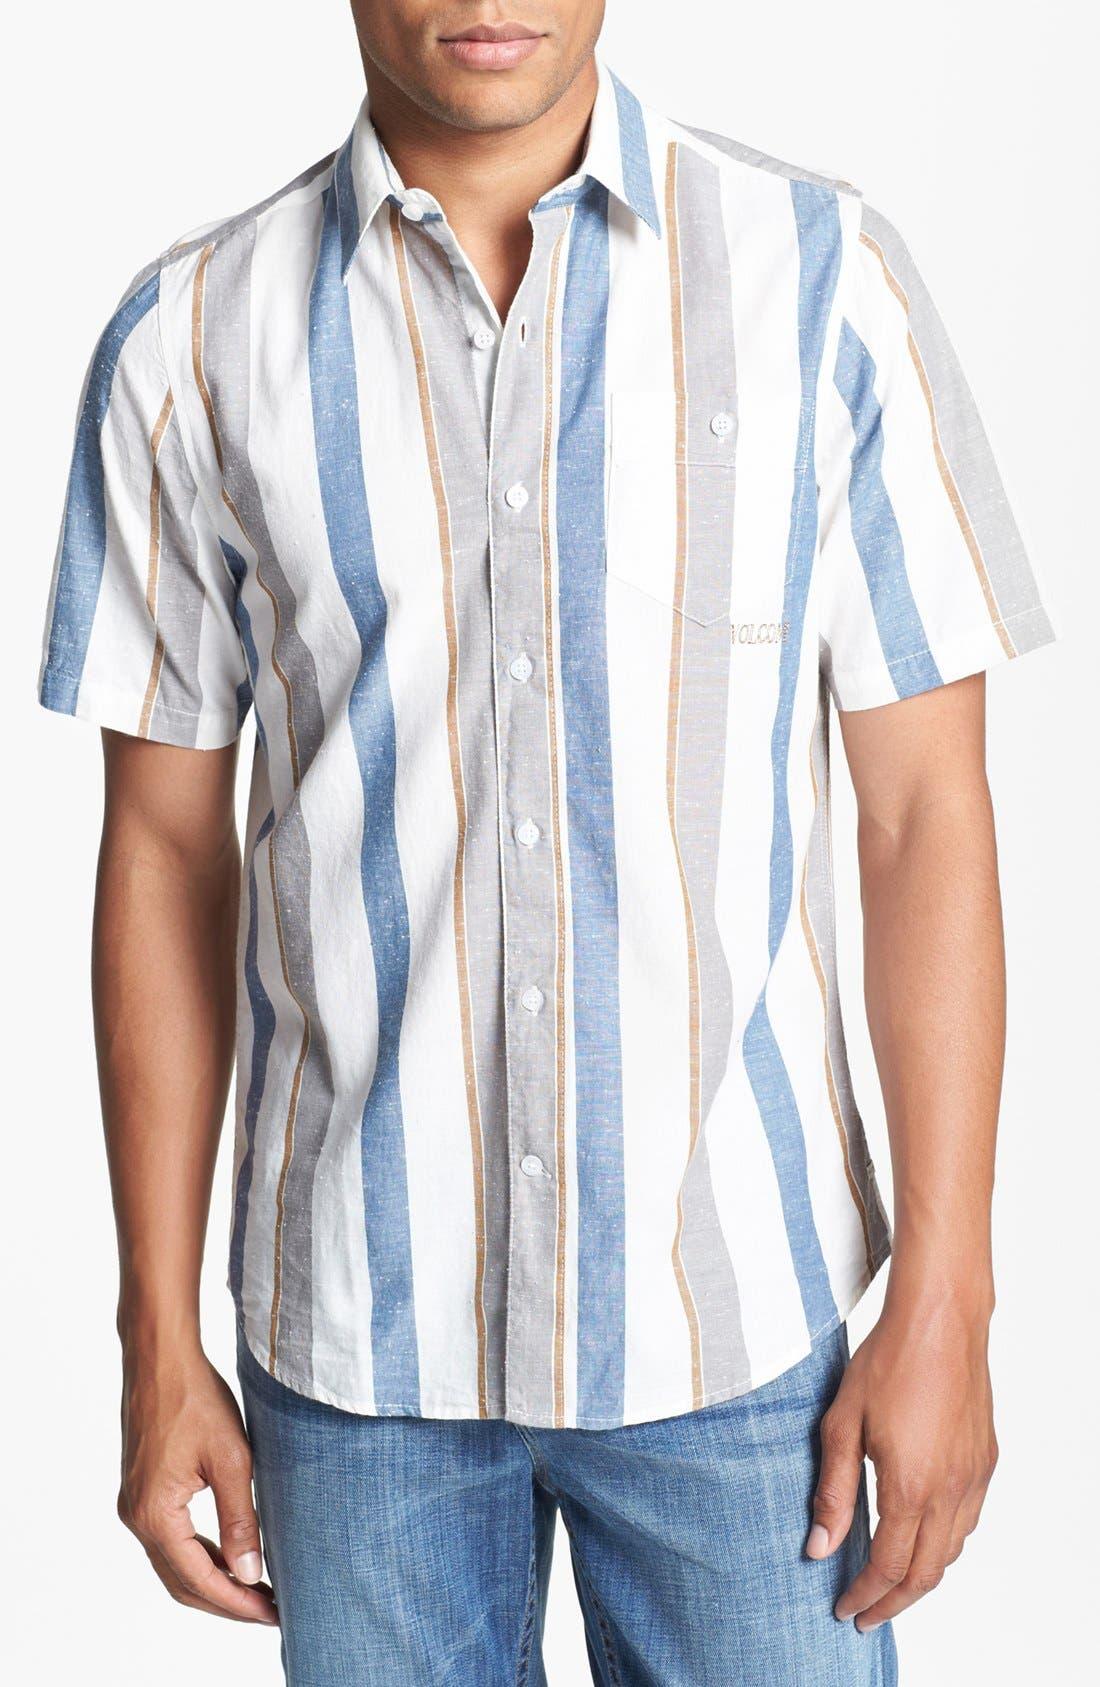 Alternate Image 1 Selected - Volcom 'Memento' Stripe Print Woven Shirt